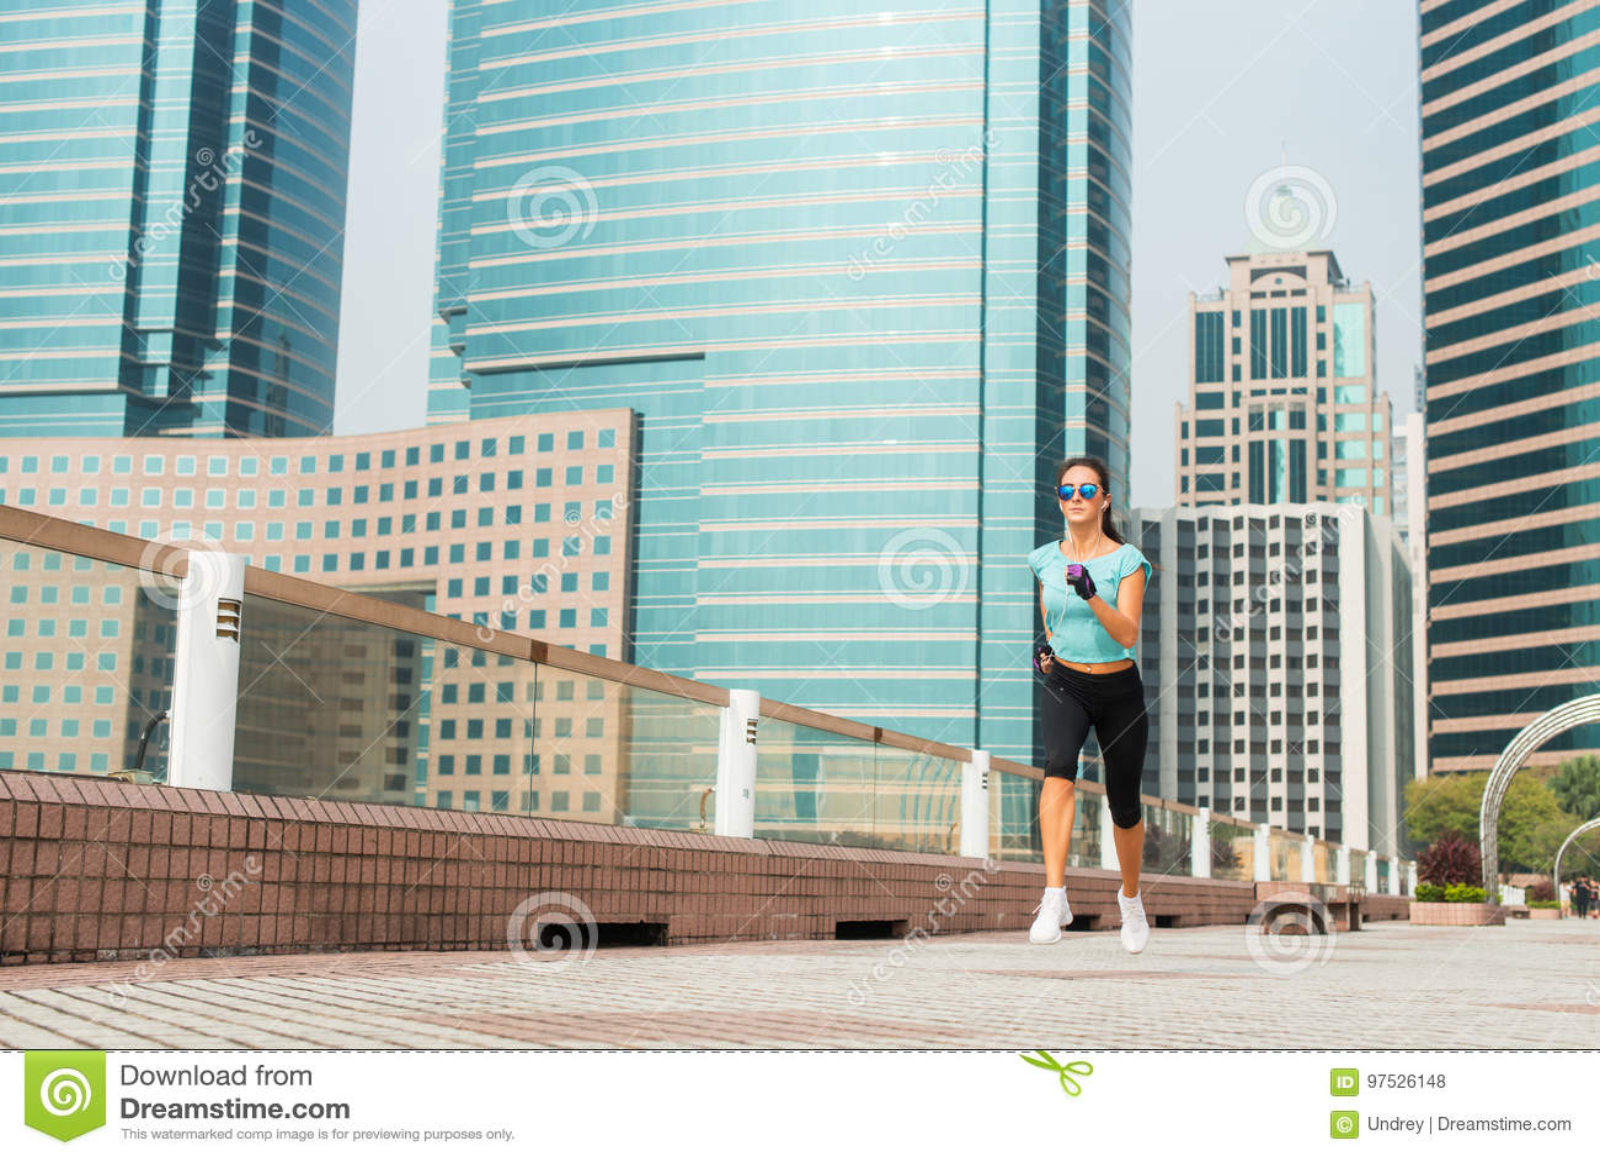 Attraktive sportliche junge Frau, die auf Pflasterung läuft